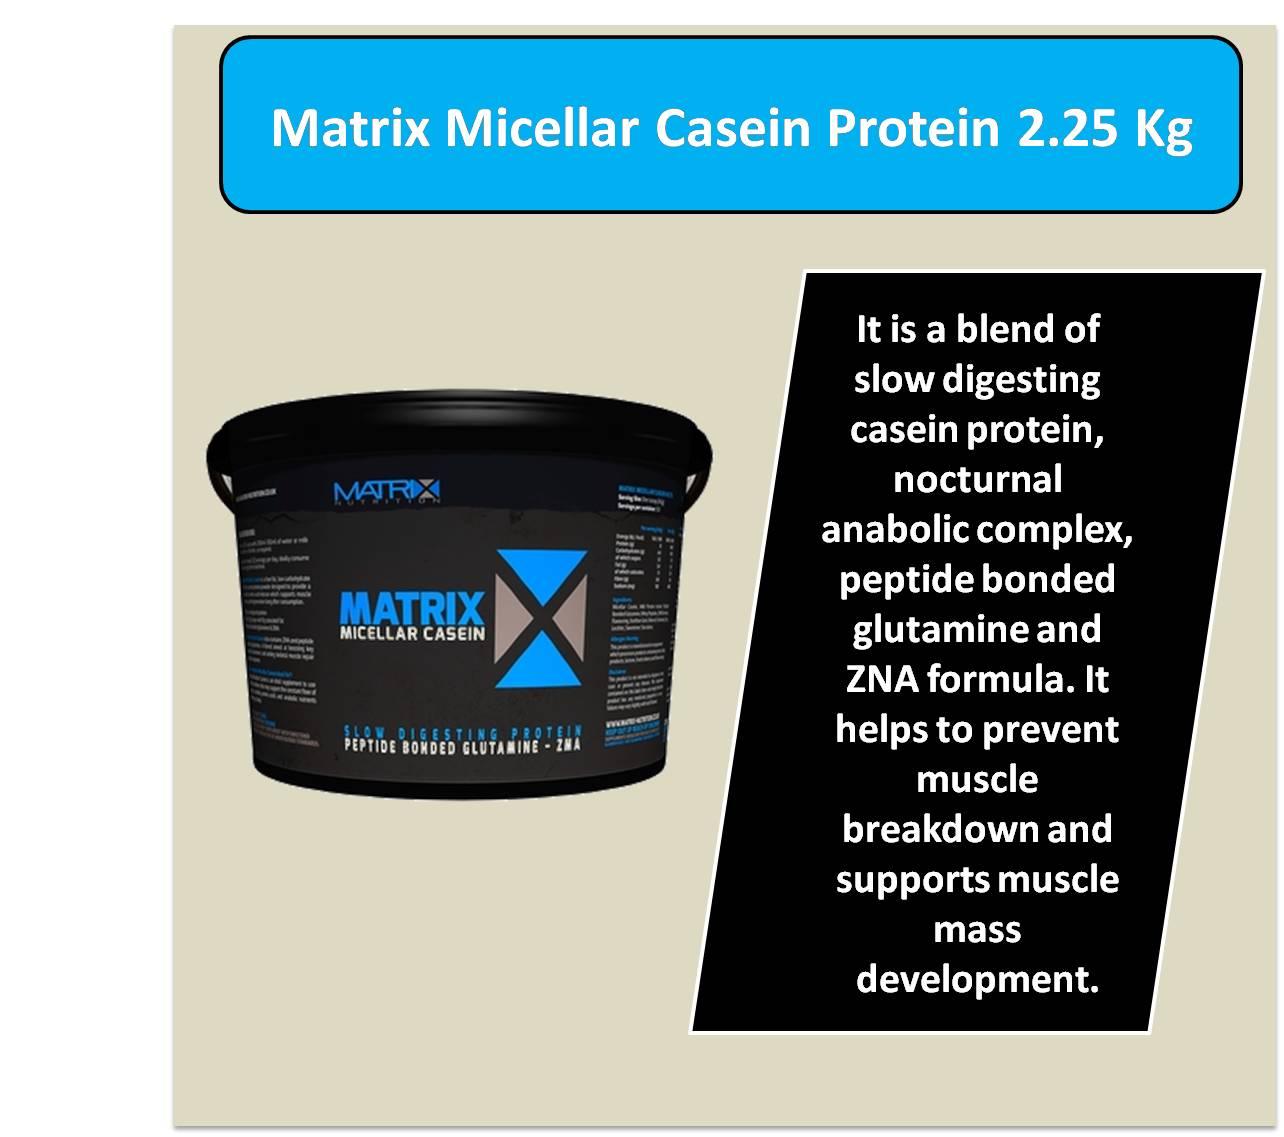 Matrix Micellar Casein Protein 2.25 Kg